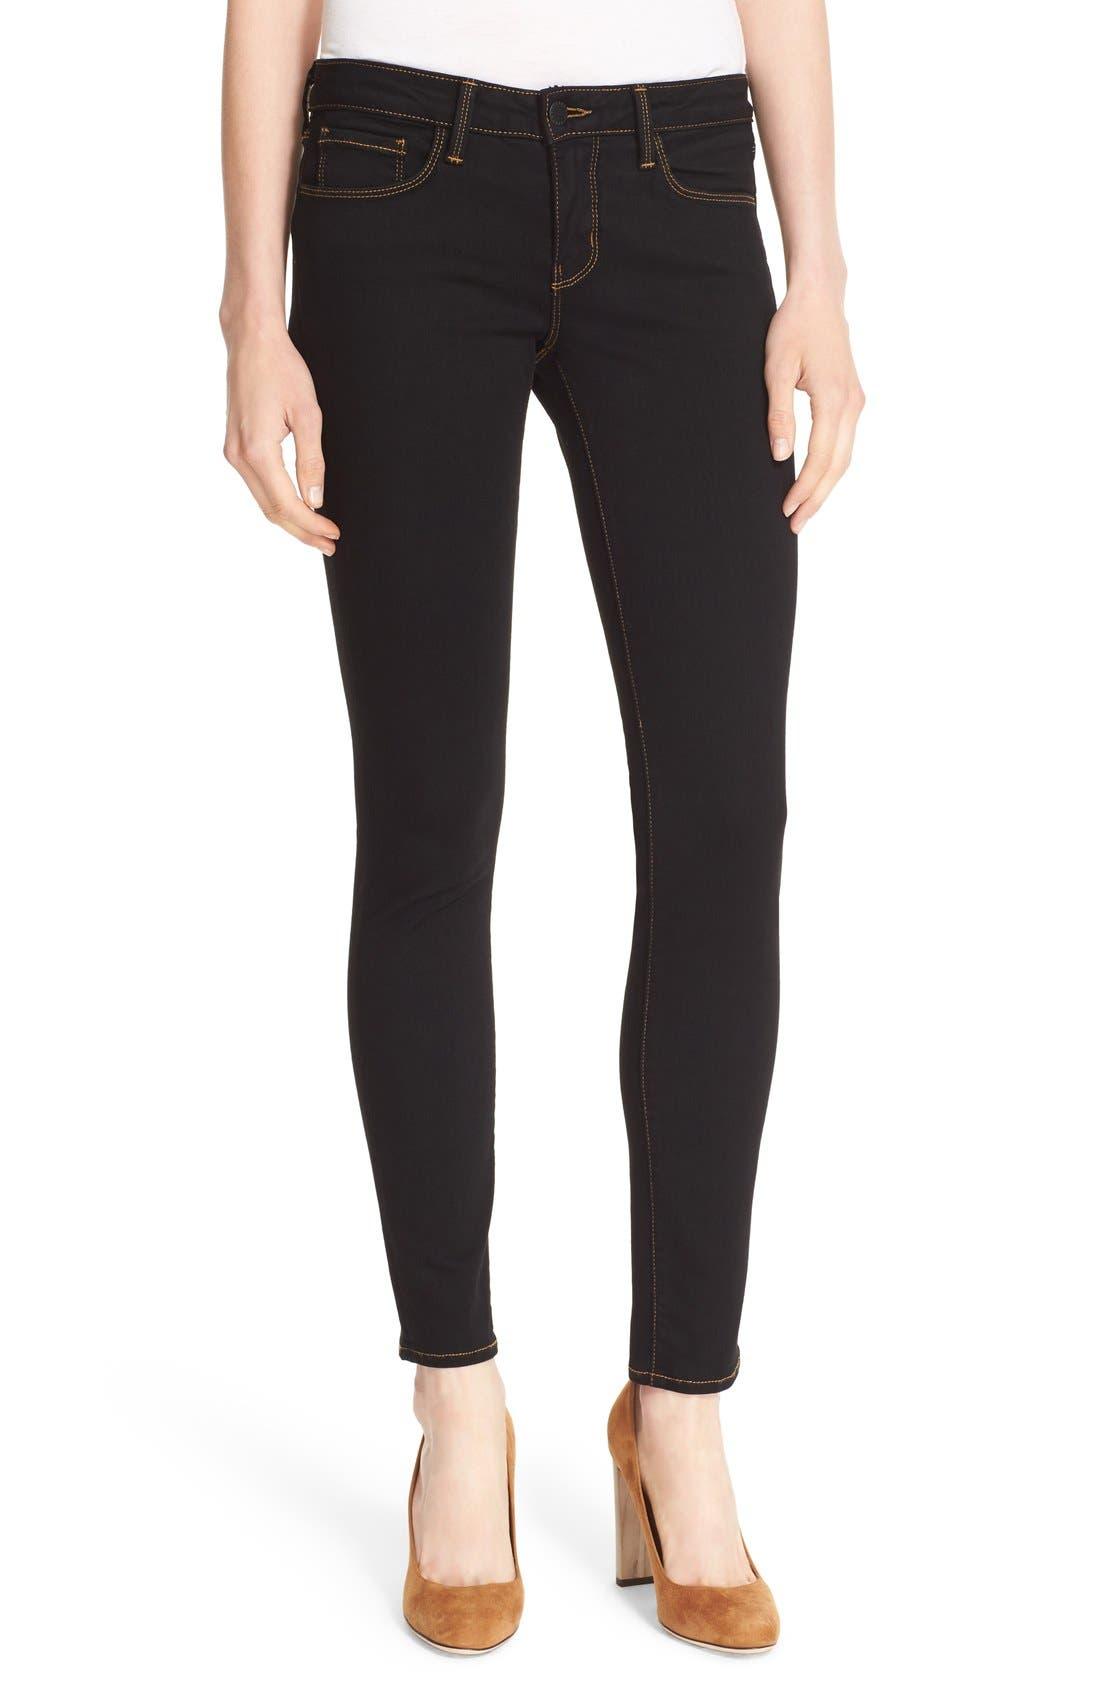 L'AGENCE,                             'Chantal' Skinny Jeans,                             Main thumbnail 1, color,                             001